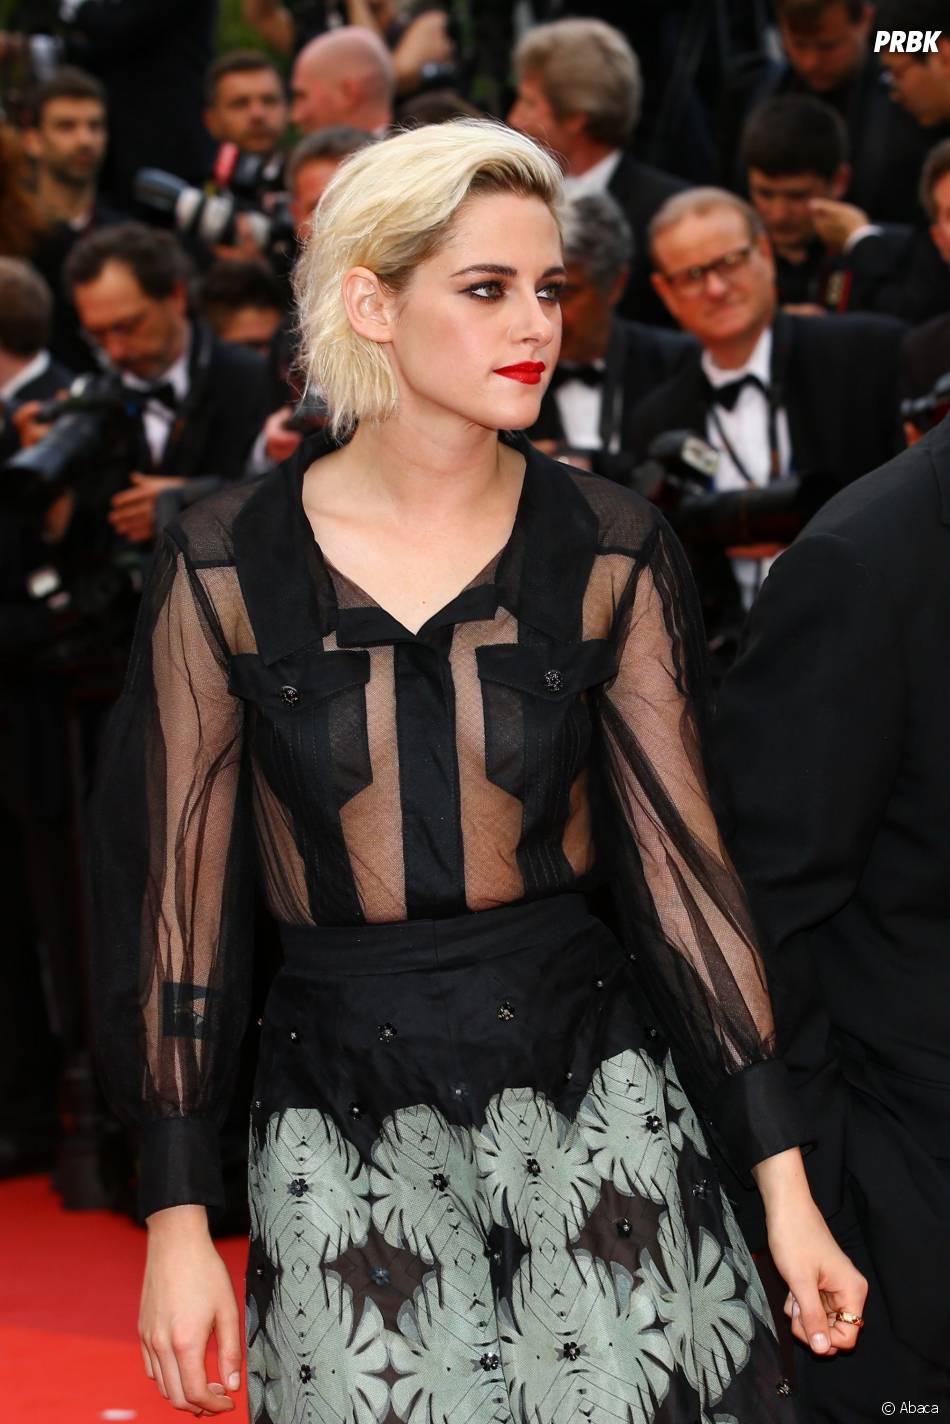 Kristen Stewart en robe transparente sur le tapis rouge de la soirée d'ouverture du Festival de Cannes le 11 mai 2016